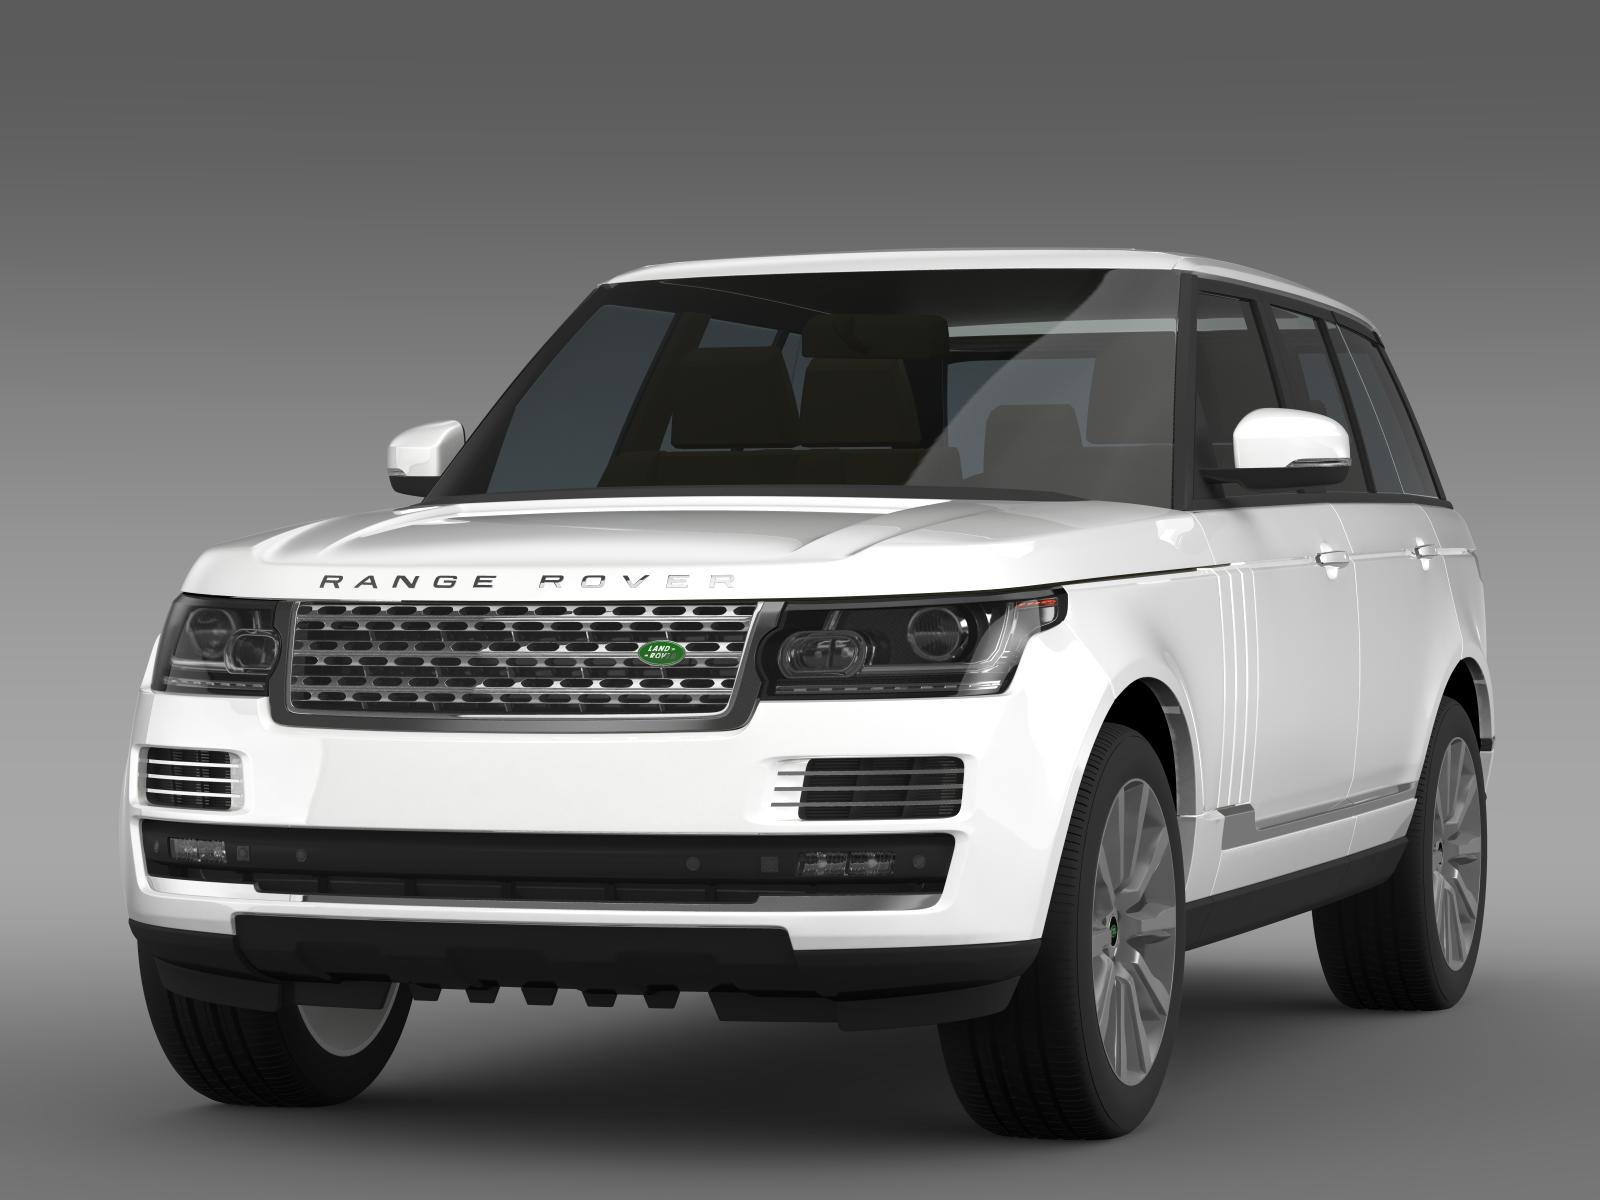 range rover vogue se sdv8 l405 3d model buy range rover. Black Bedroom Furniture Sets. Home Design Ideas